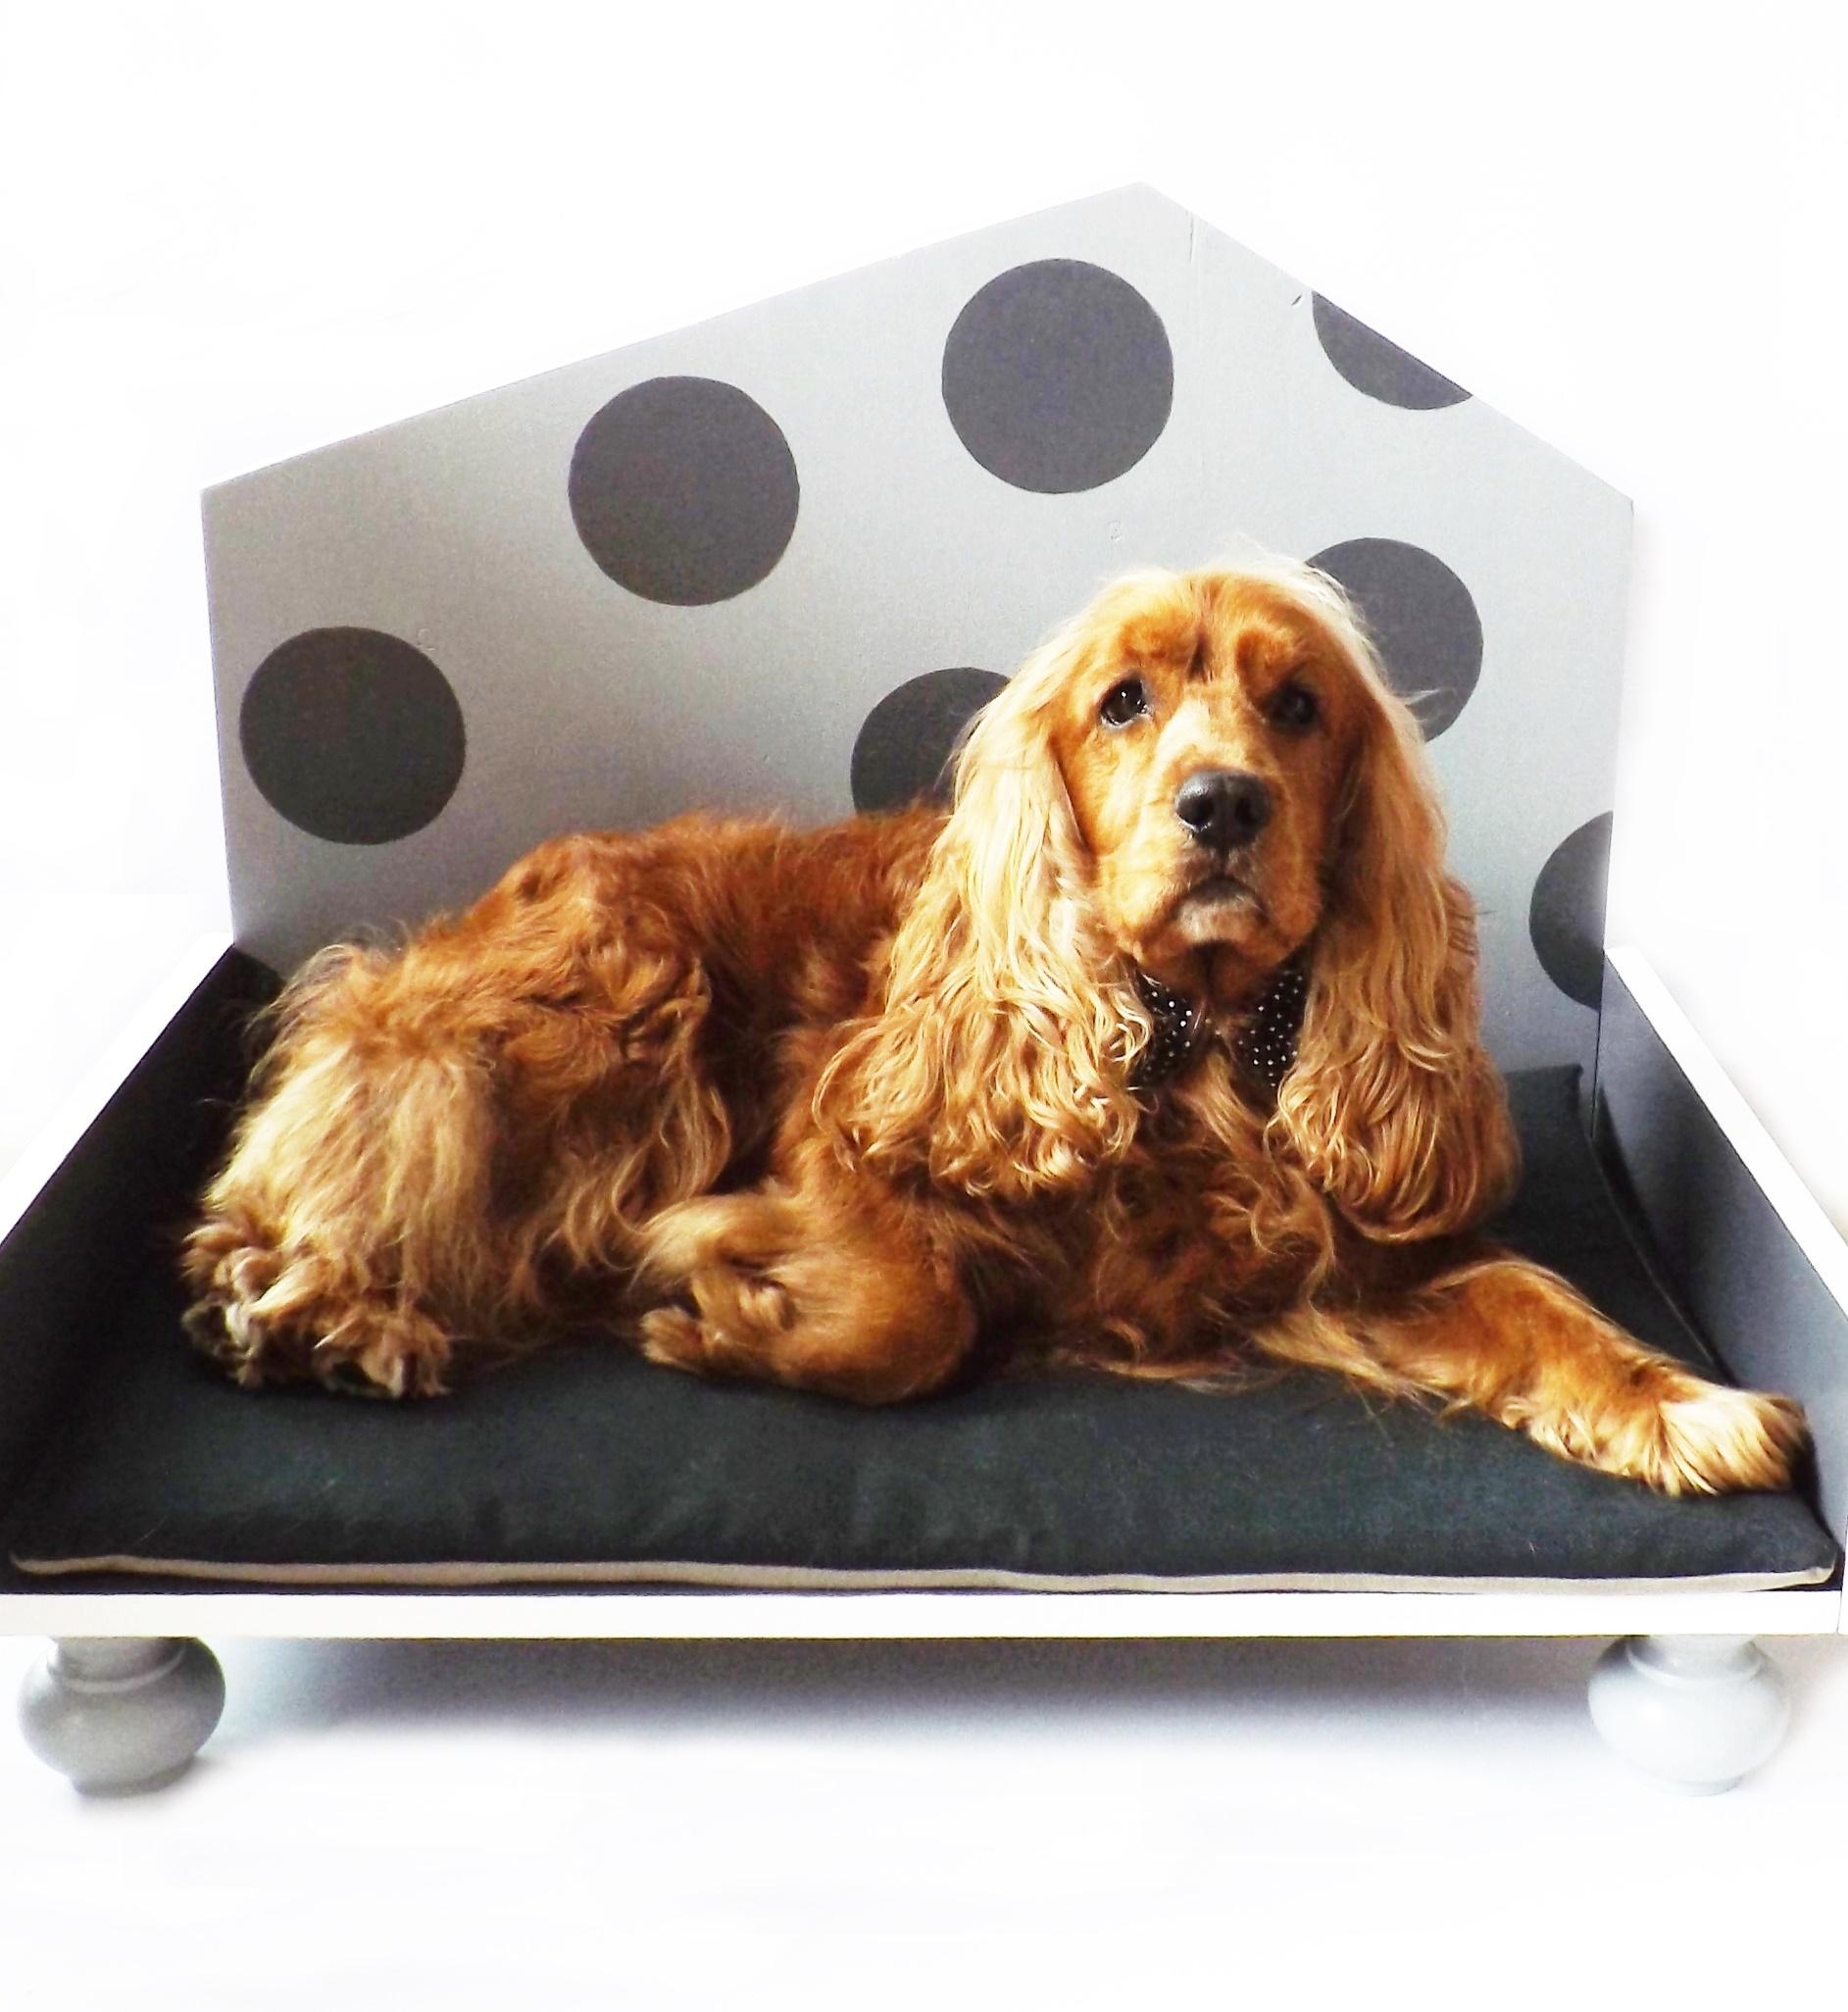 Cucce Design Per Cani cuccia di design in legno per gatti e cani di taglia media _ color grigio  chiaro e grigio antracite